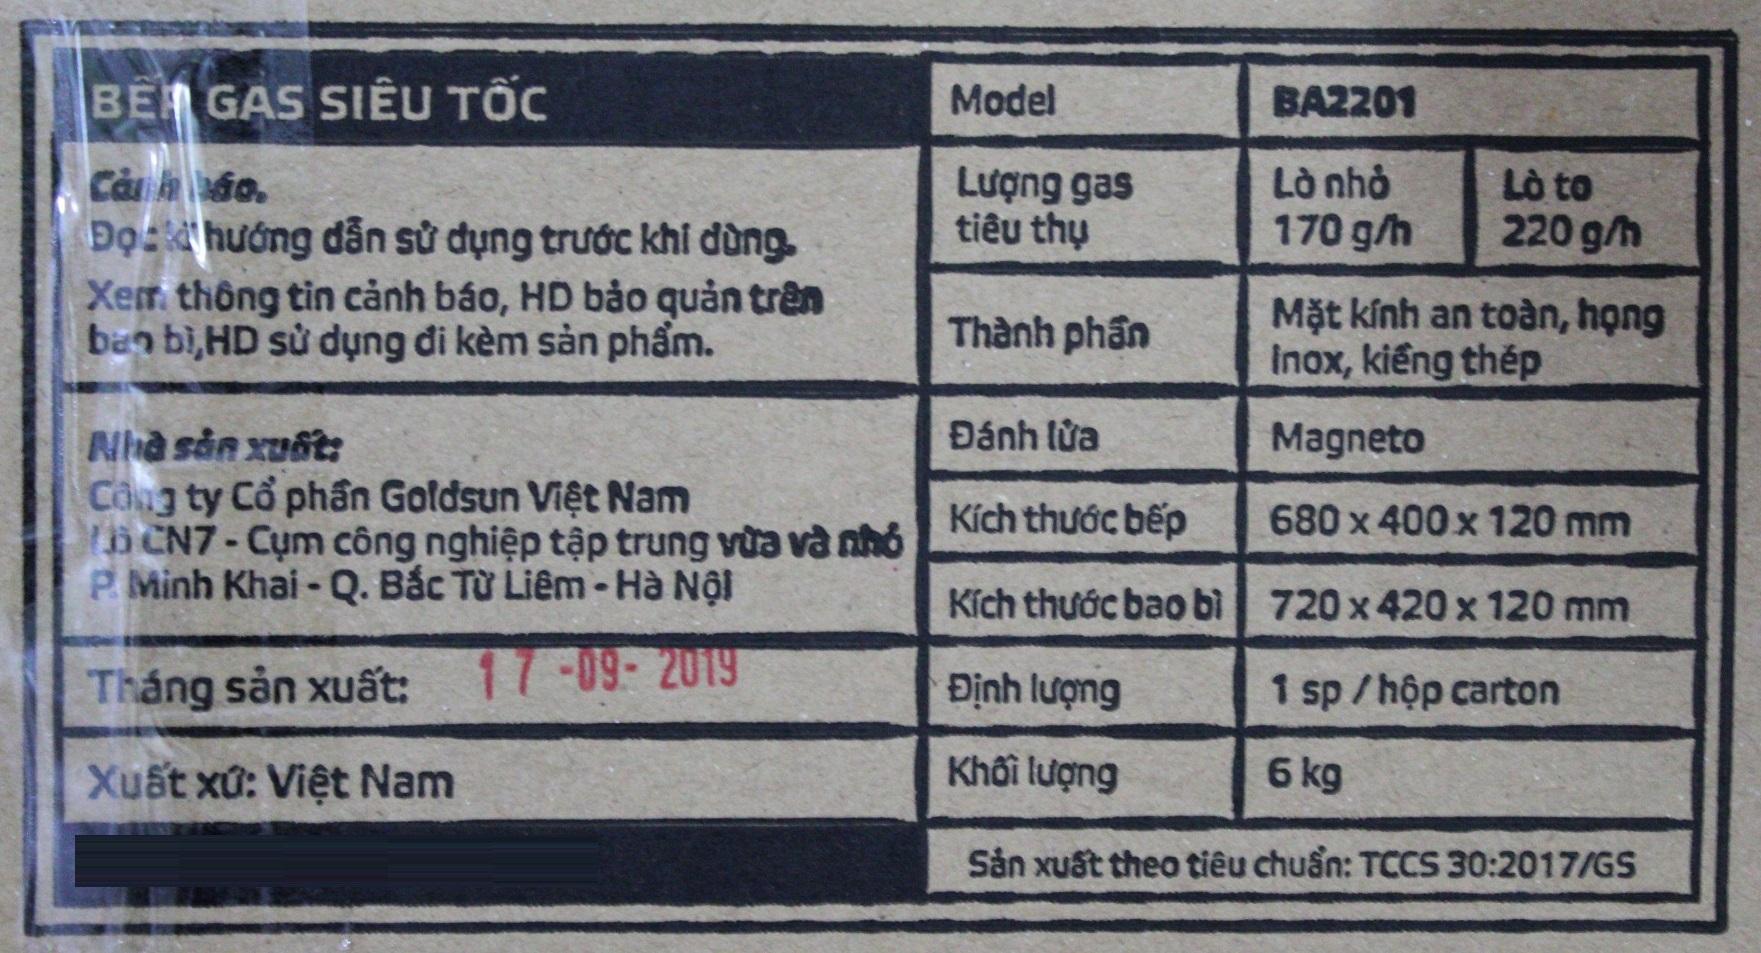 Bếp Gas Dương Đôi Siêu Tốc Mặt Kính Goldsun BA2201 - Chính Hãng